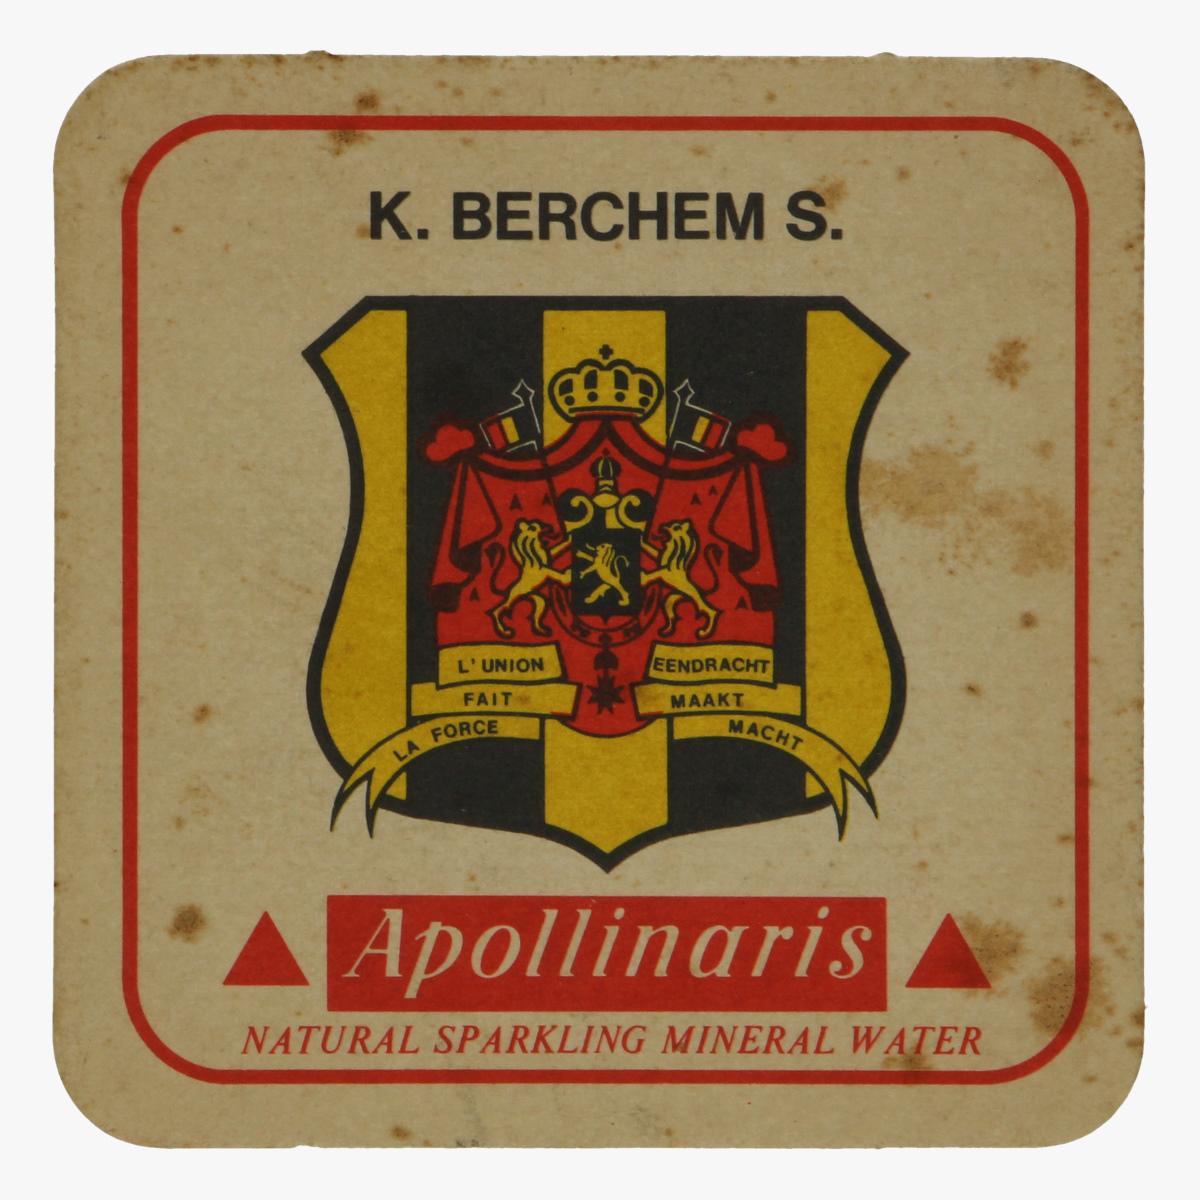 Afbeeldingen van bierkaartje k. berchem s.